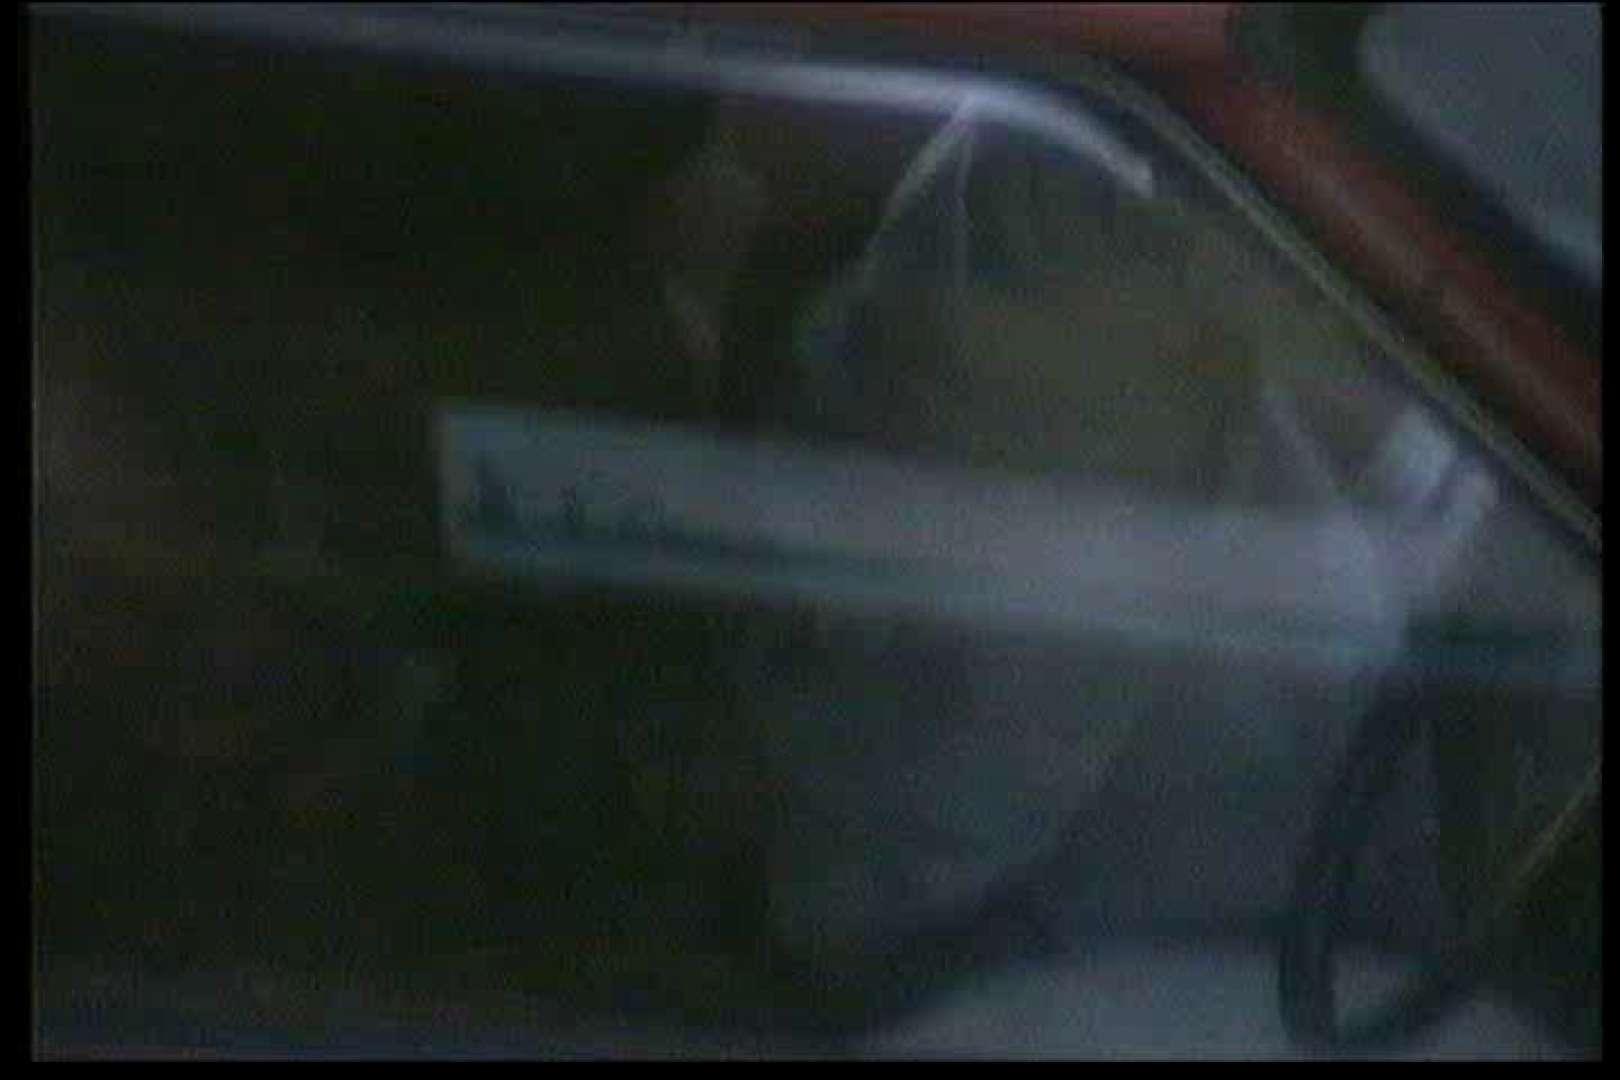 車の中はラブホテル 無修正版  Vol.12 ラブホテル スケベ動画紹介 109連発 31